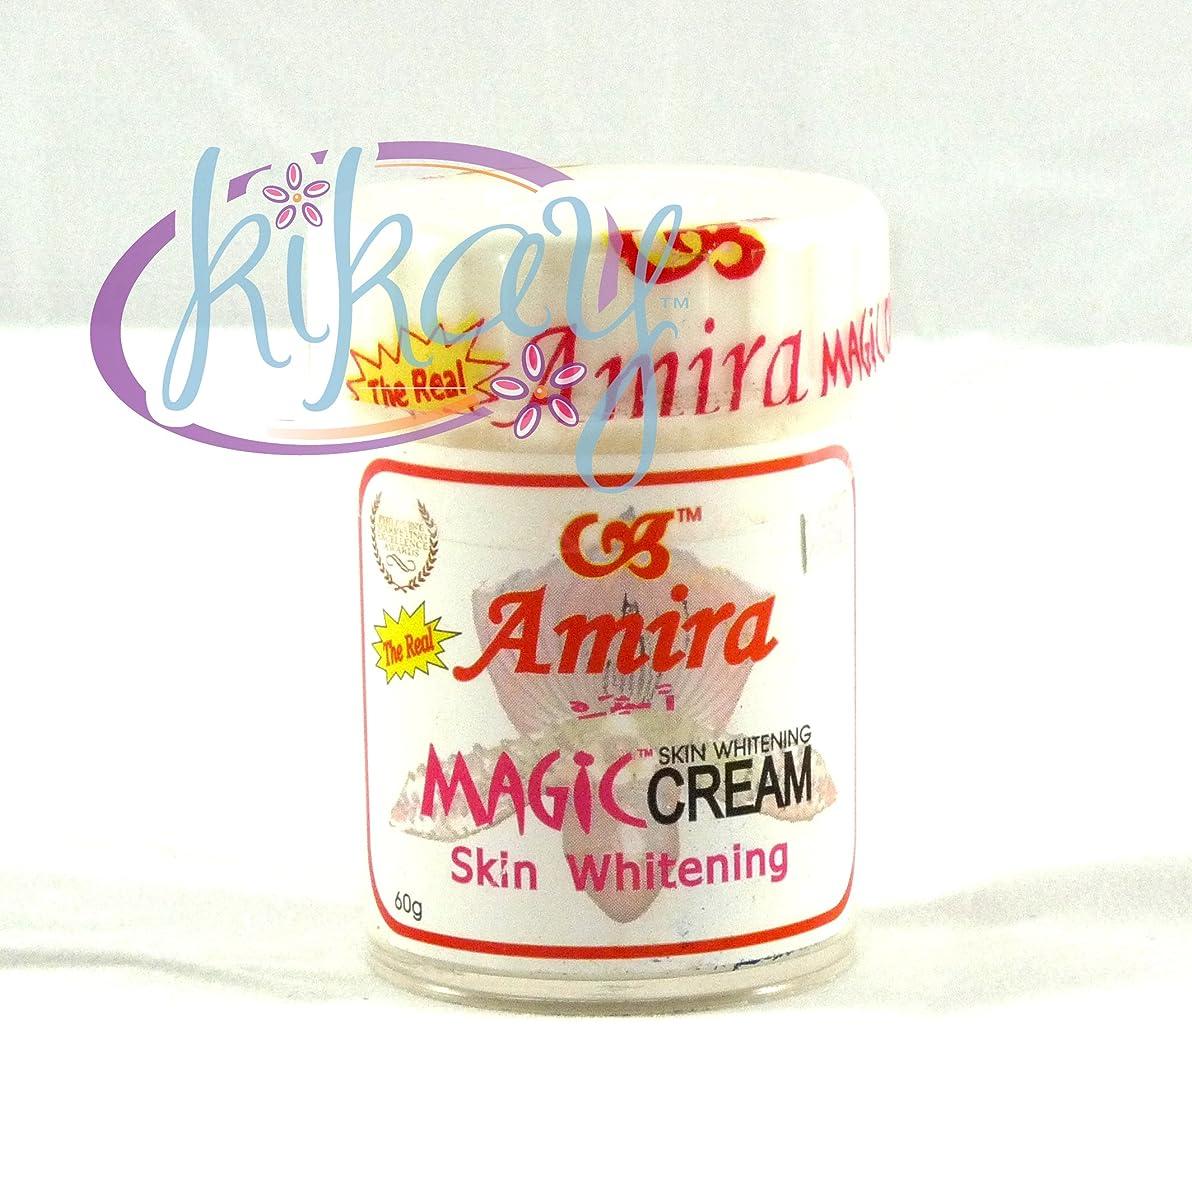 世界に死んだまどろみのある繁雑AMIRA THE REAL MAGIC CREAM【SKIN WHITENING CREAM 60g】PHILIPPINES〈スキン ホワイトニング クリーム〉フィリピン